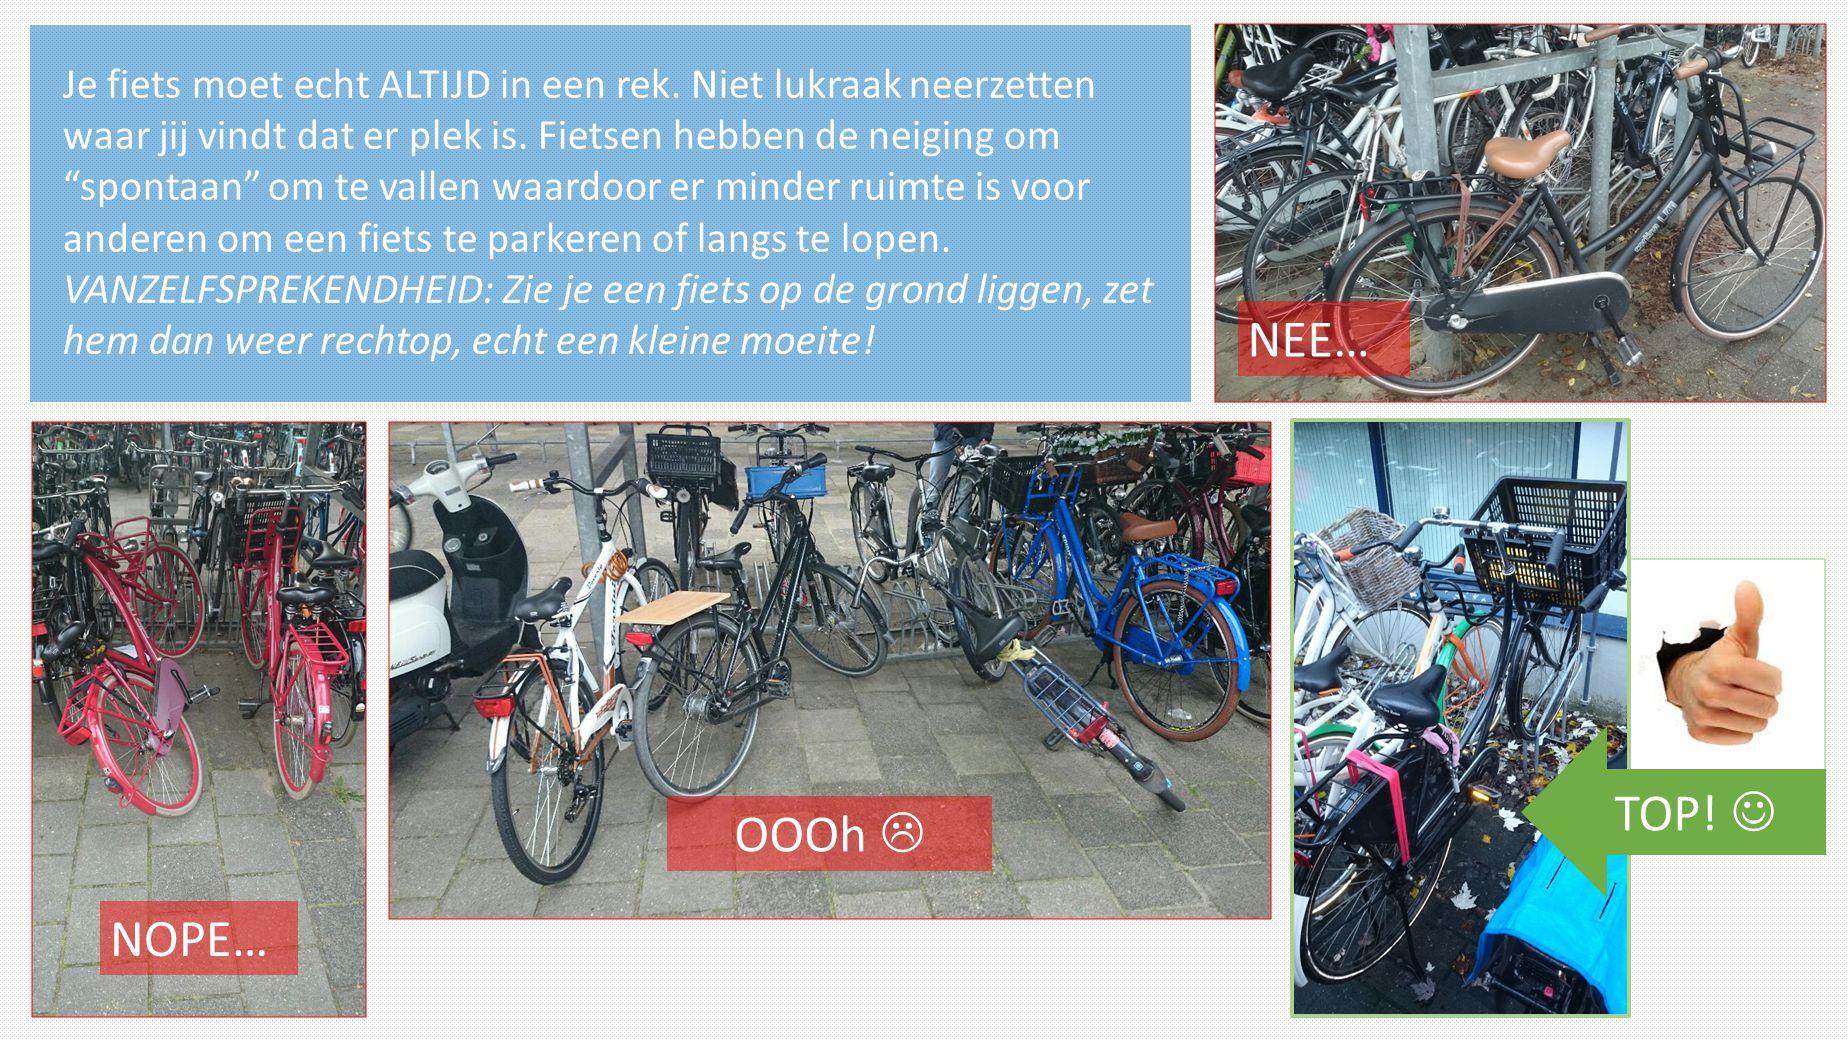 Je fiets moet echt ALTIJD in een rek